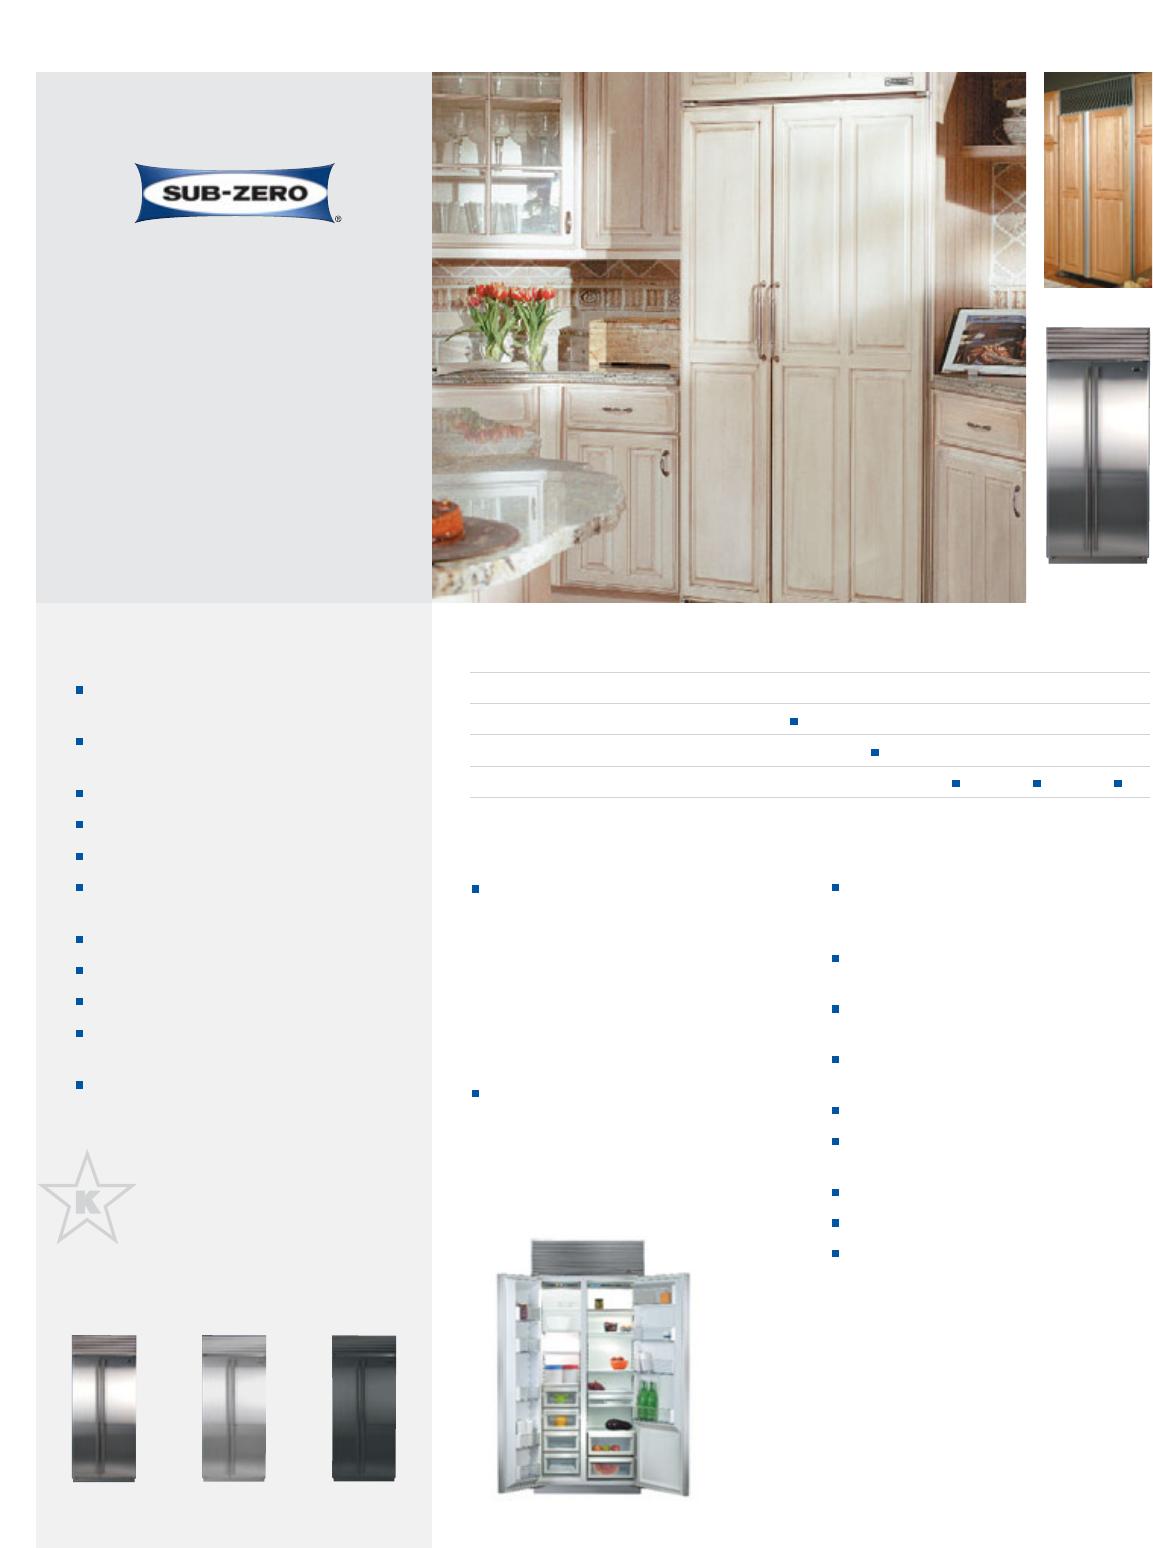 sub zero refrigerator 661 o user guide manualsonline com rh kitchen manualsonline com sub zero refrigerator manual pdf sub zero refrigerator manual 650